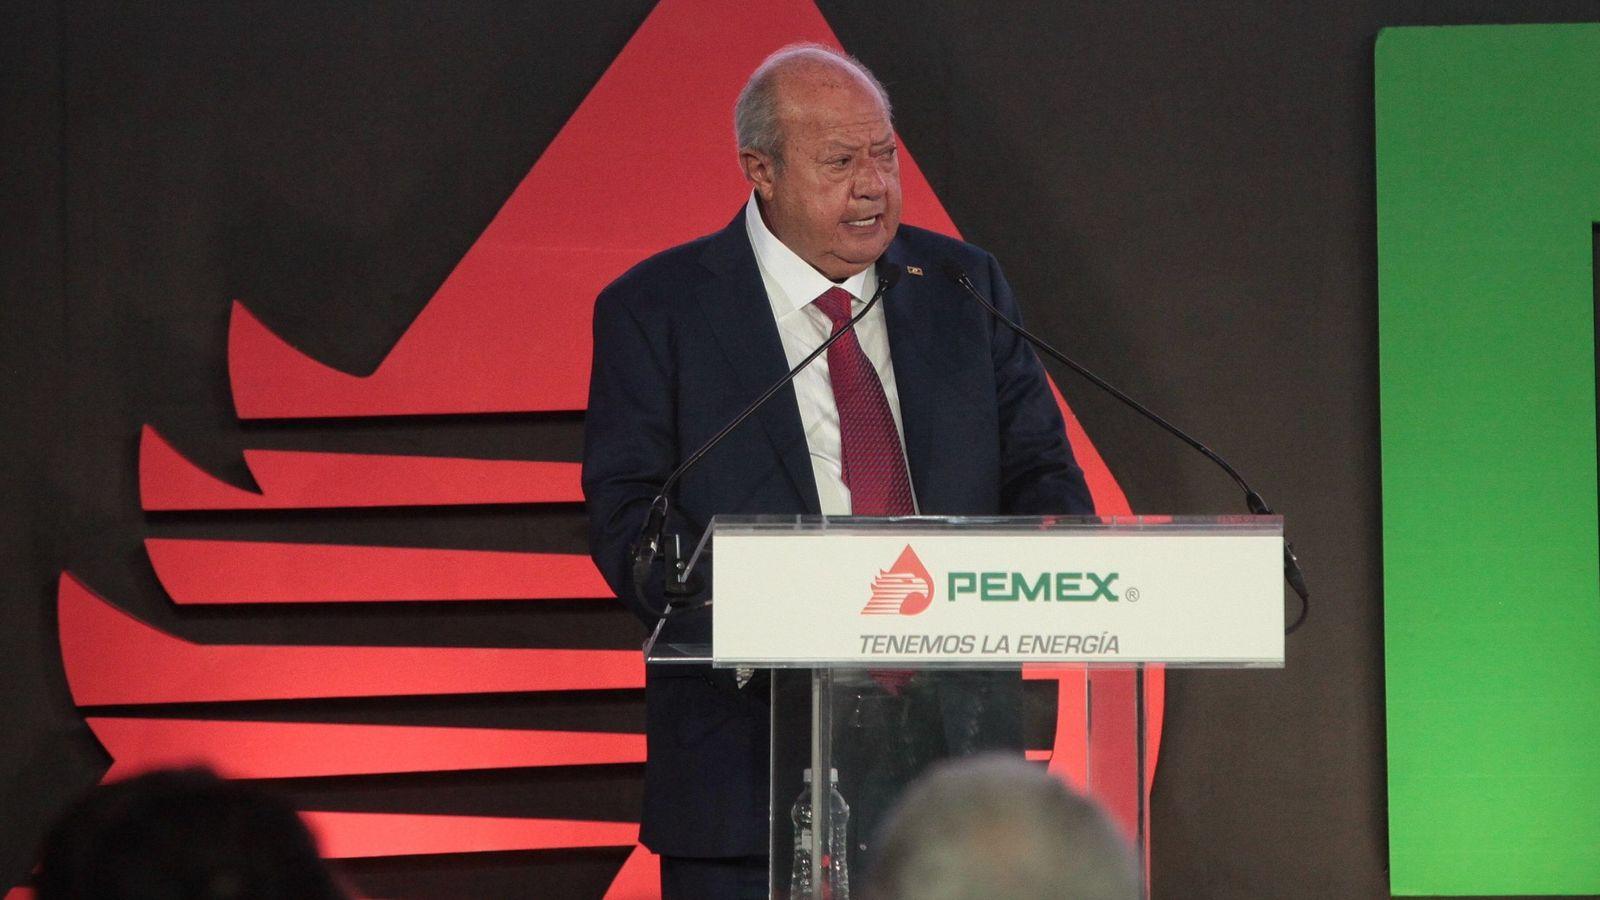 Foto: Carlos Romero Deschamps, entonces senador del PRI, hablando el 3 de noviembre de 2016, durante la presentación del plan de negocios de Pemex. (Reuters)